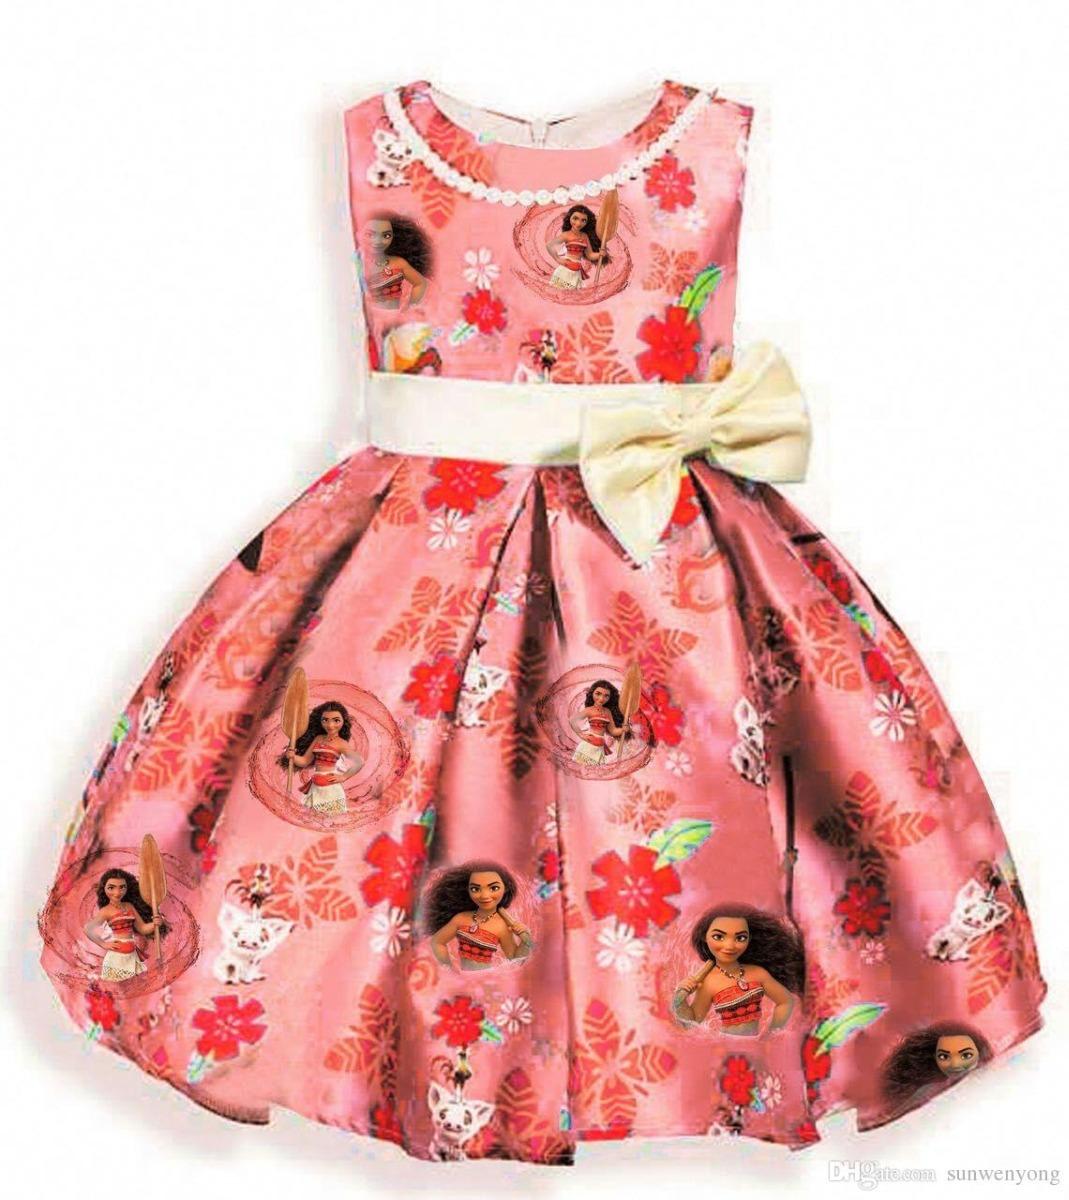 Moana Vestido Niña -   450.00 en Mercado Libre 594fe8090a33